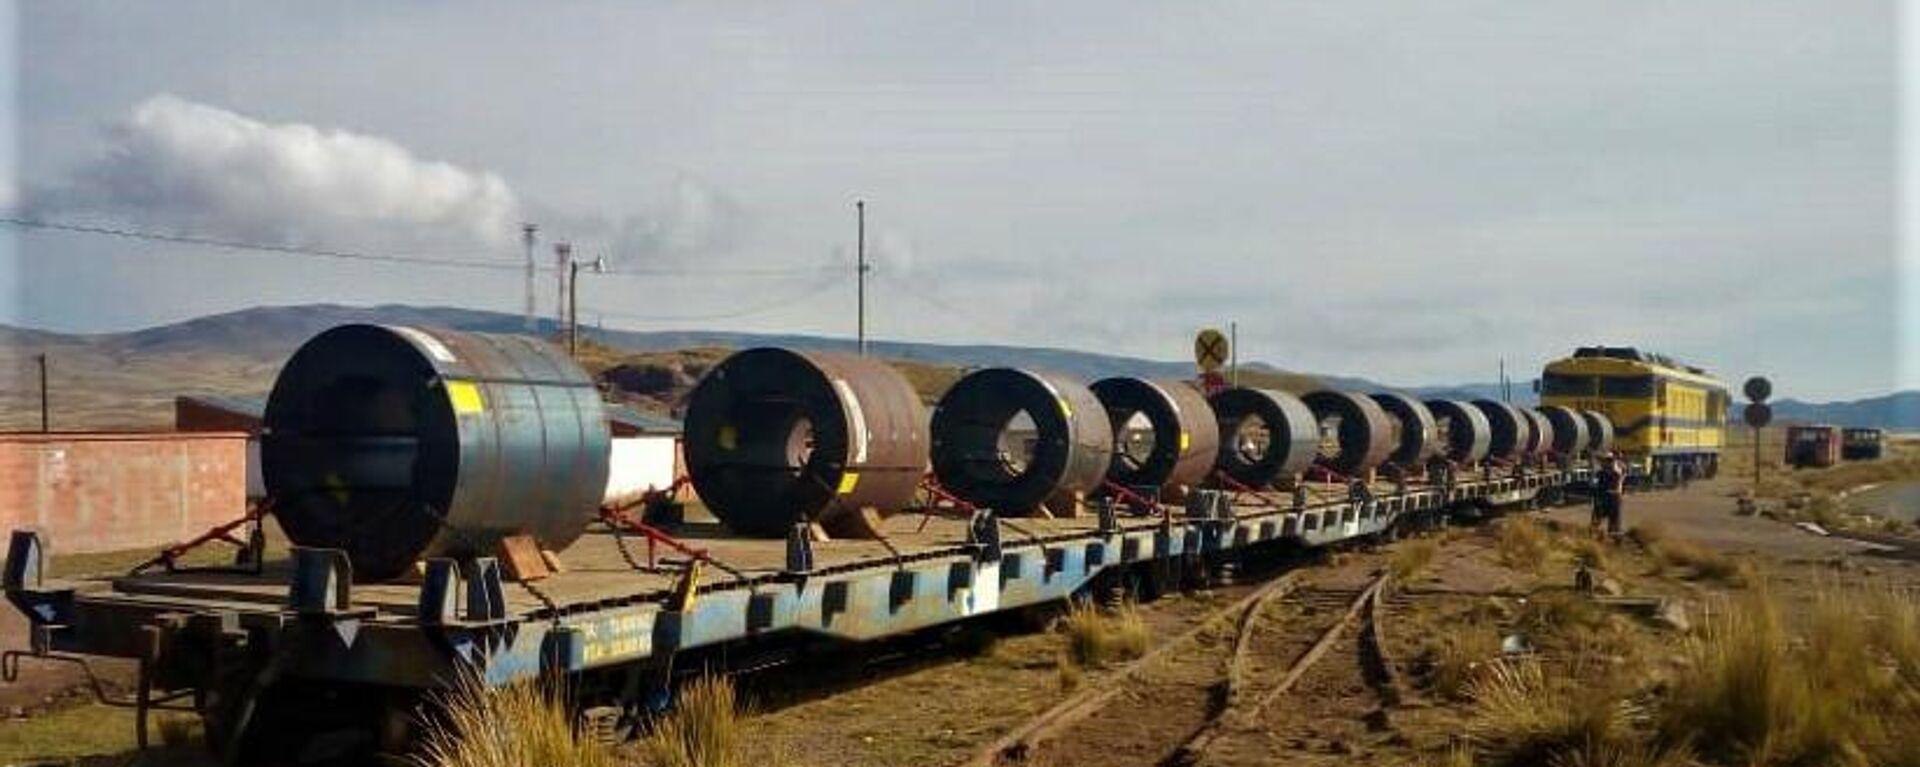 El ferrocarril Arica-La Paz que uniría Chile con Bolivia - Sputnik Mundo, 1920, 15.05.2021